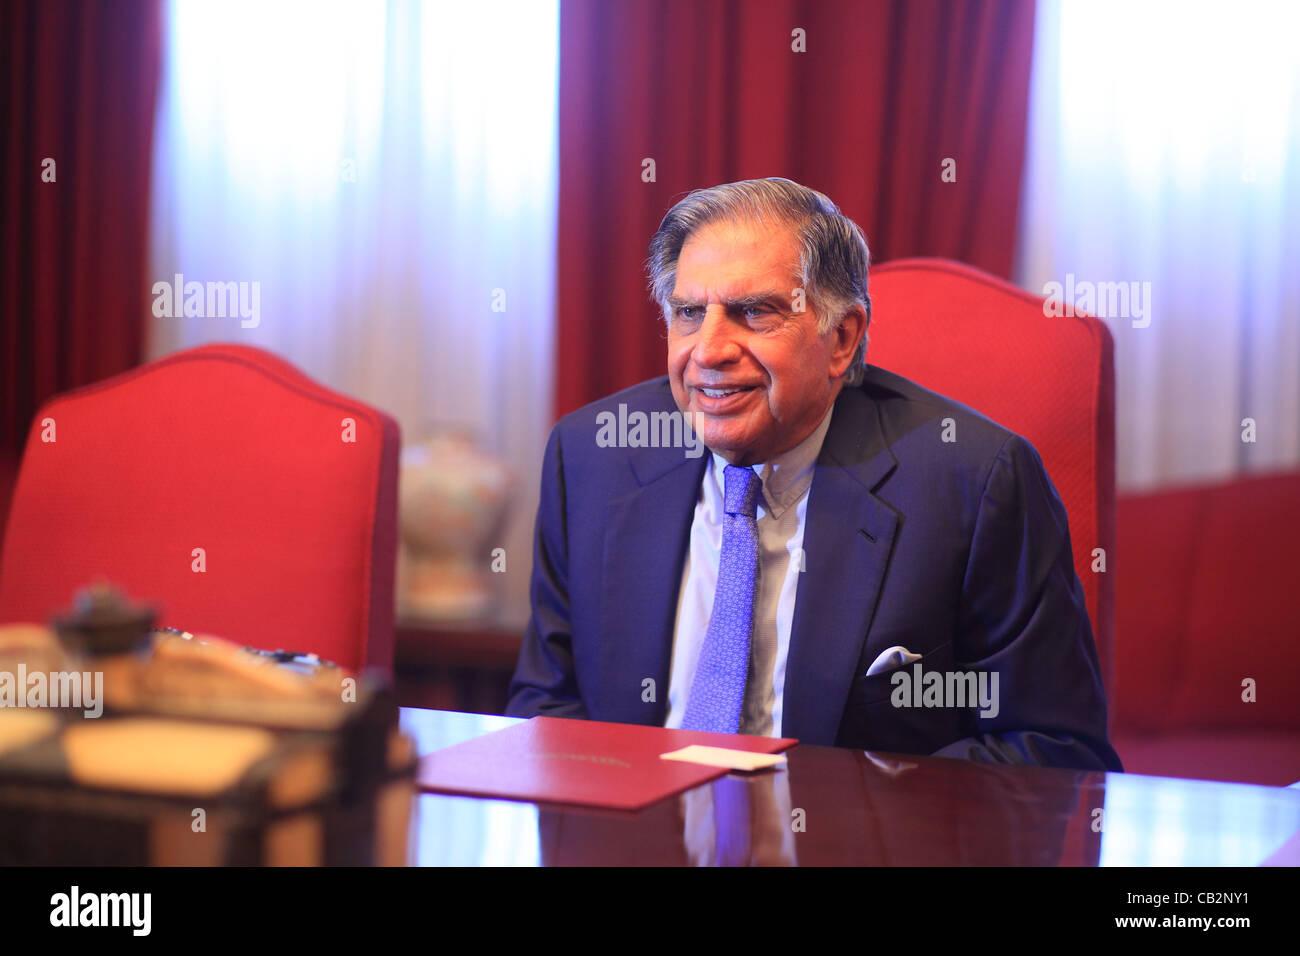 May16, 2012 - Mumbai, Indien: Porträt des indischen industriellen Rata Tata, Vorsitzender des Imperiums Tata Stockbild